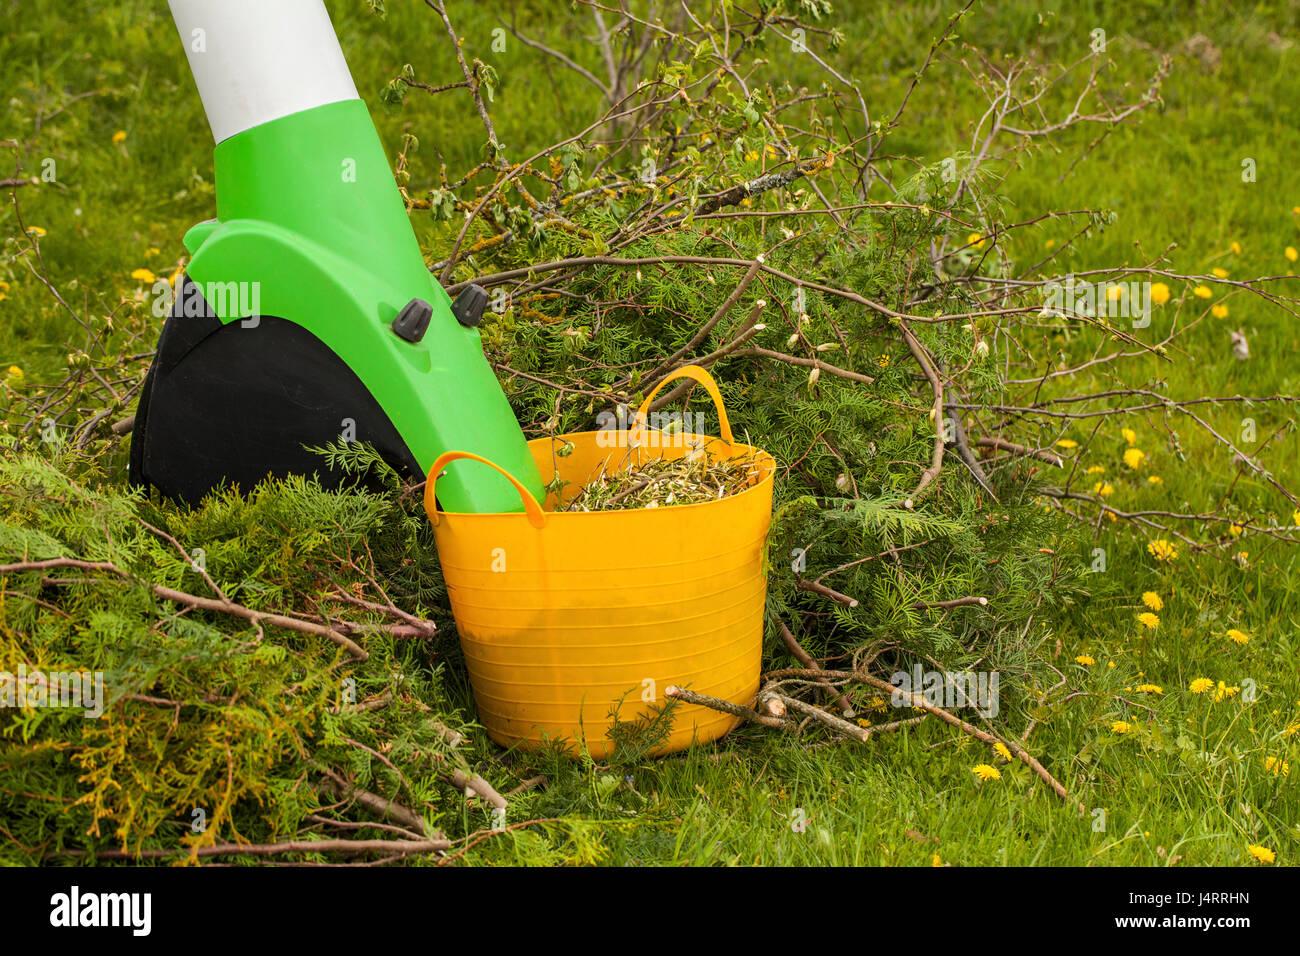 elektro garten häcksler in einem frühlingsgarten stockfoto, bild